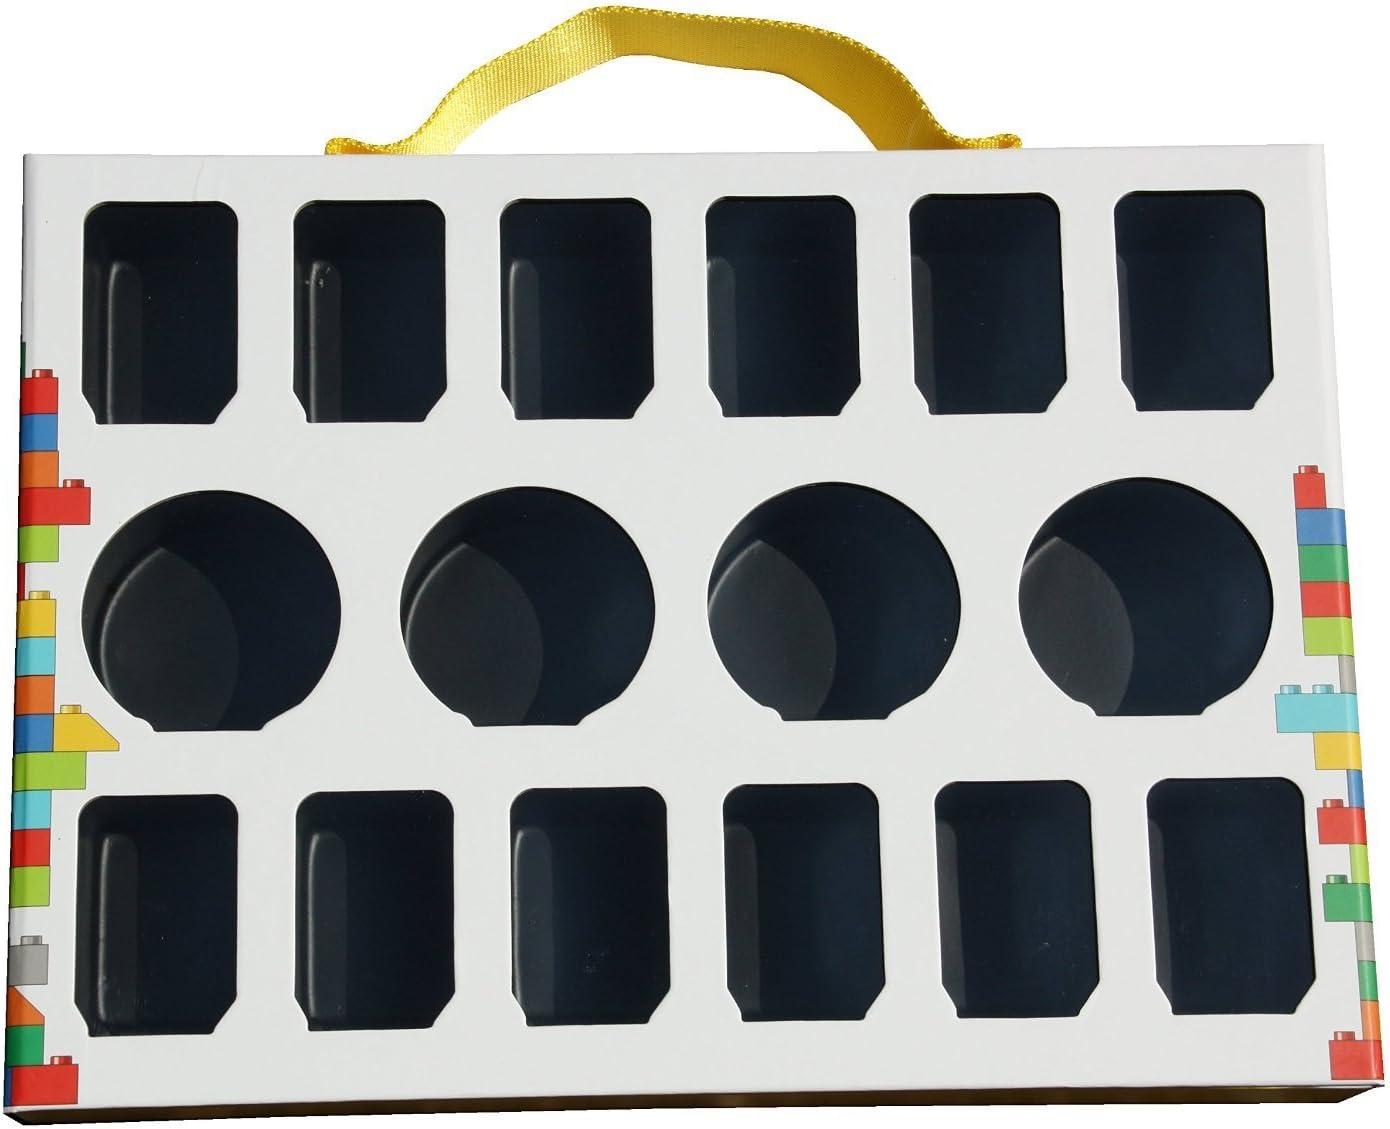 Lego Minifigure Carry Case